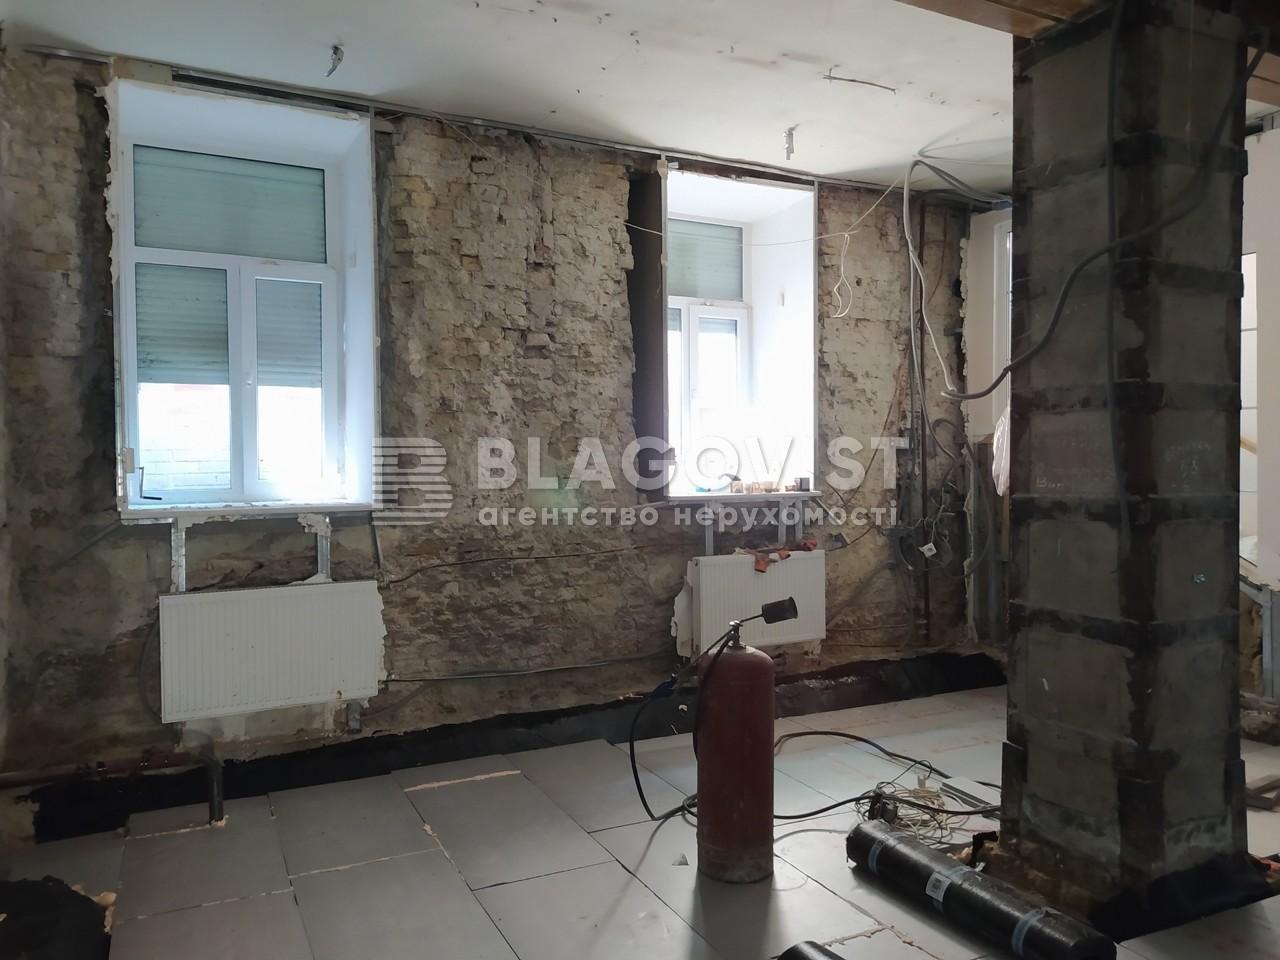 Нежилое помещение, H-49502, Станиславского, Киев - Фото 6